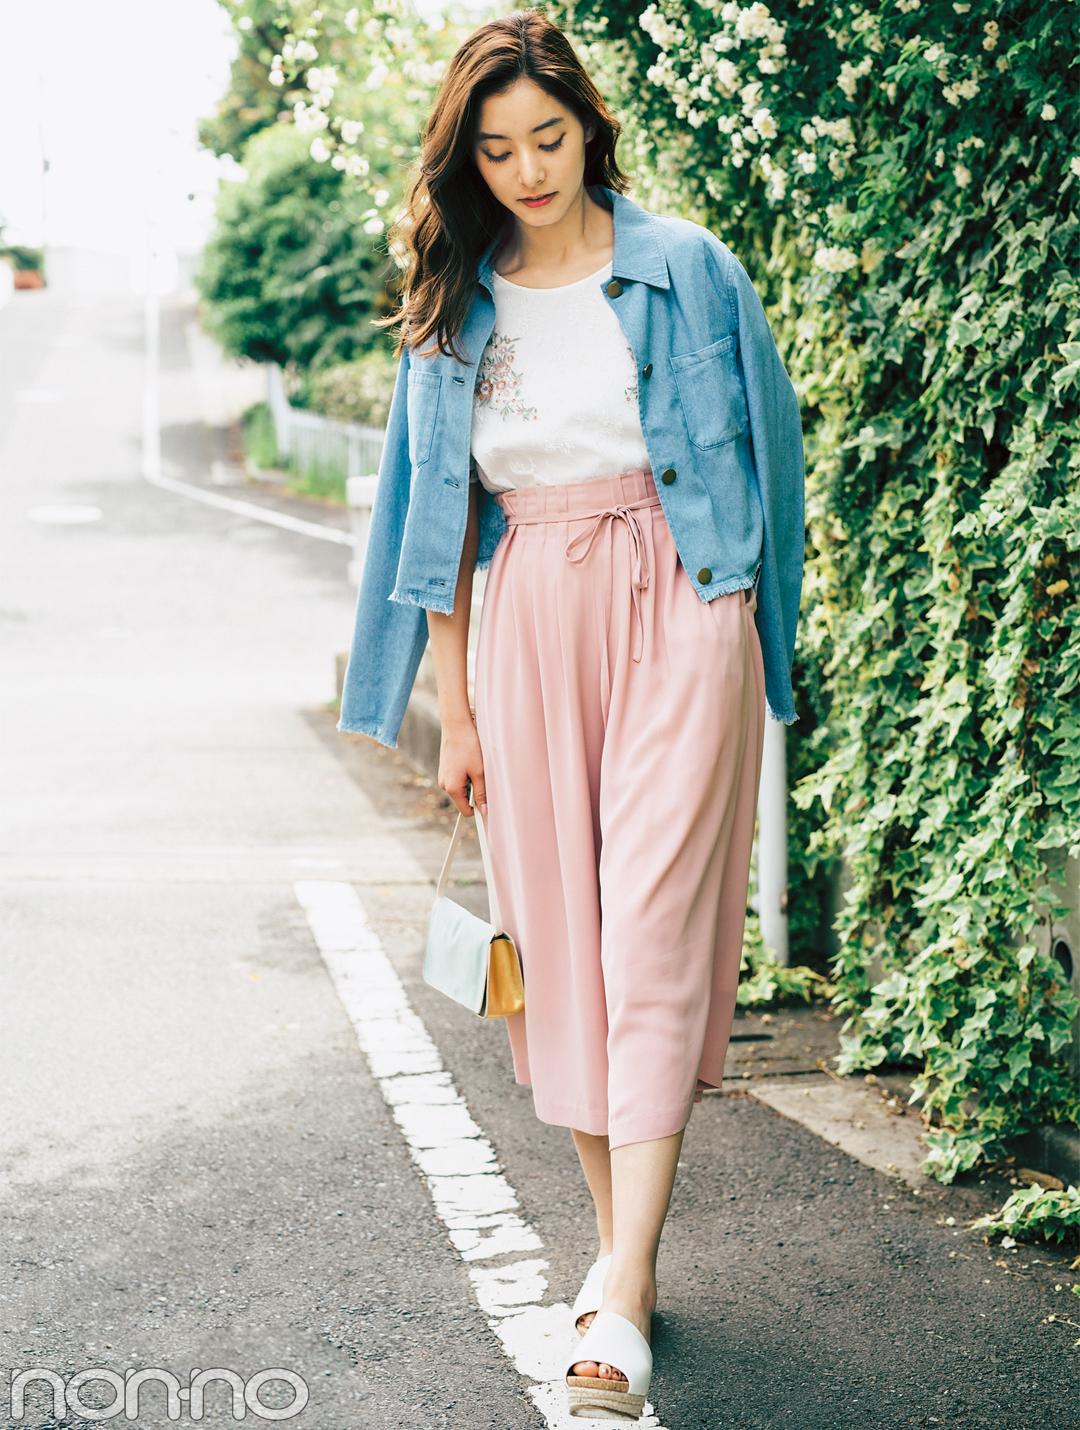 ピンクスカーチョ&ワイドパンツ、スタイルUPの正解コーデ★_1_2